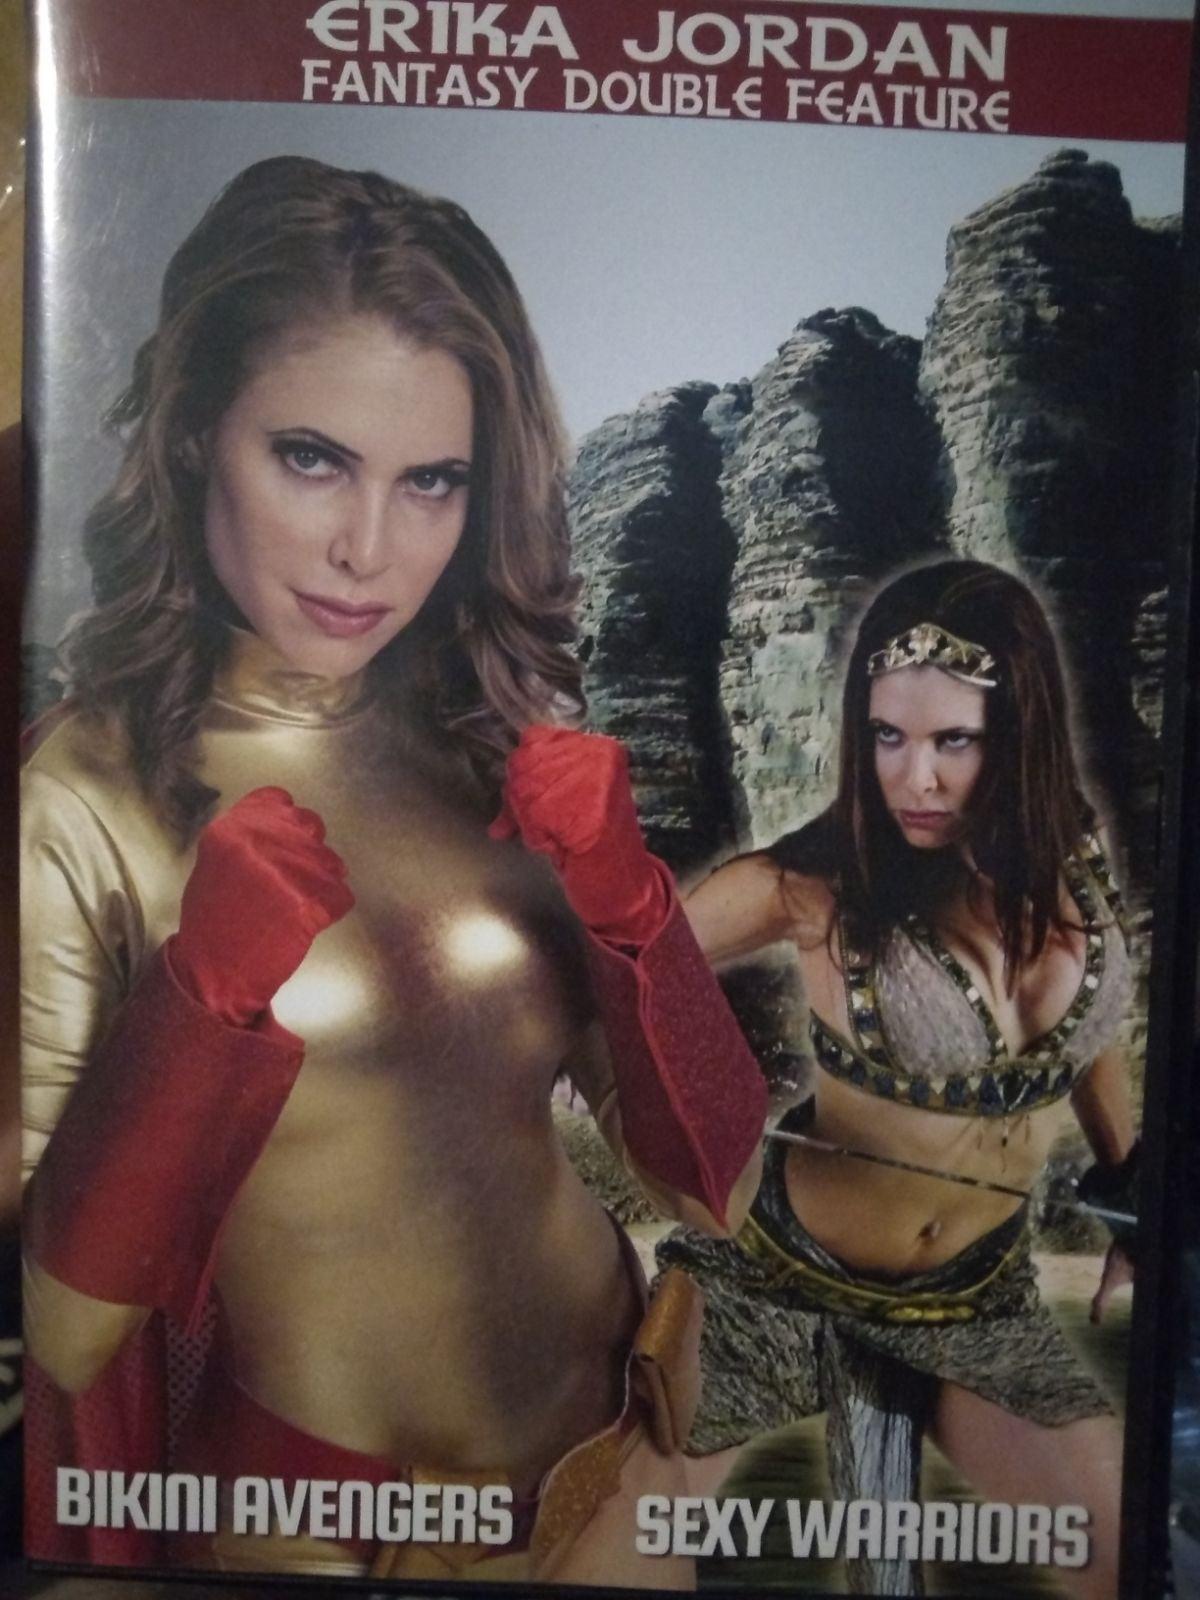 Erika Jordan Fantasy Double Feature